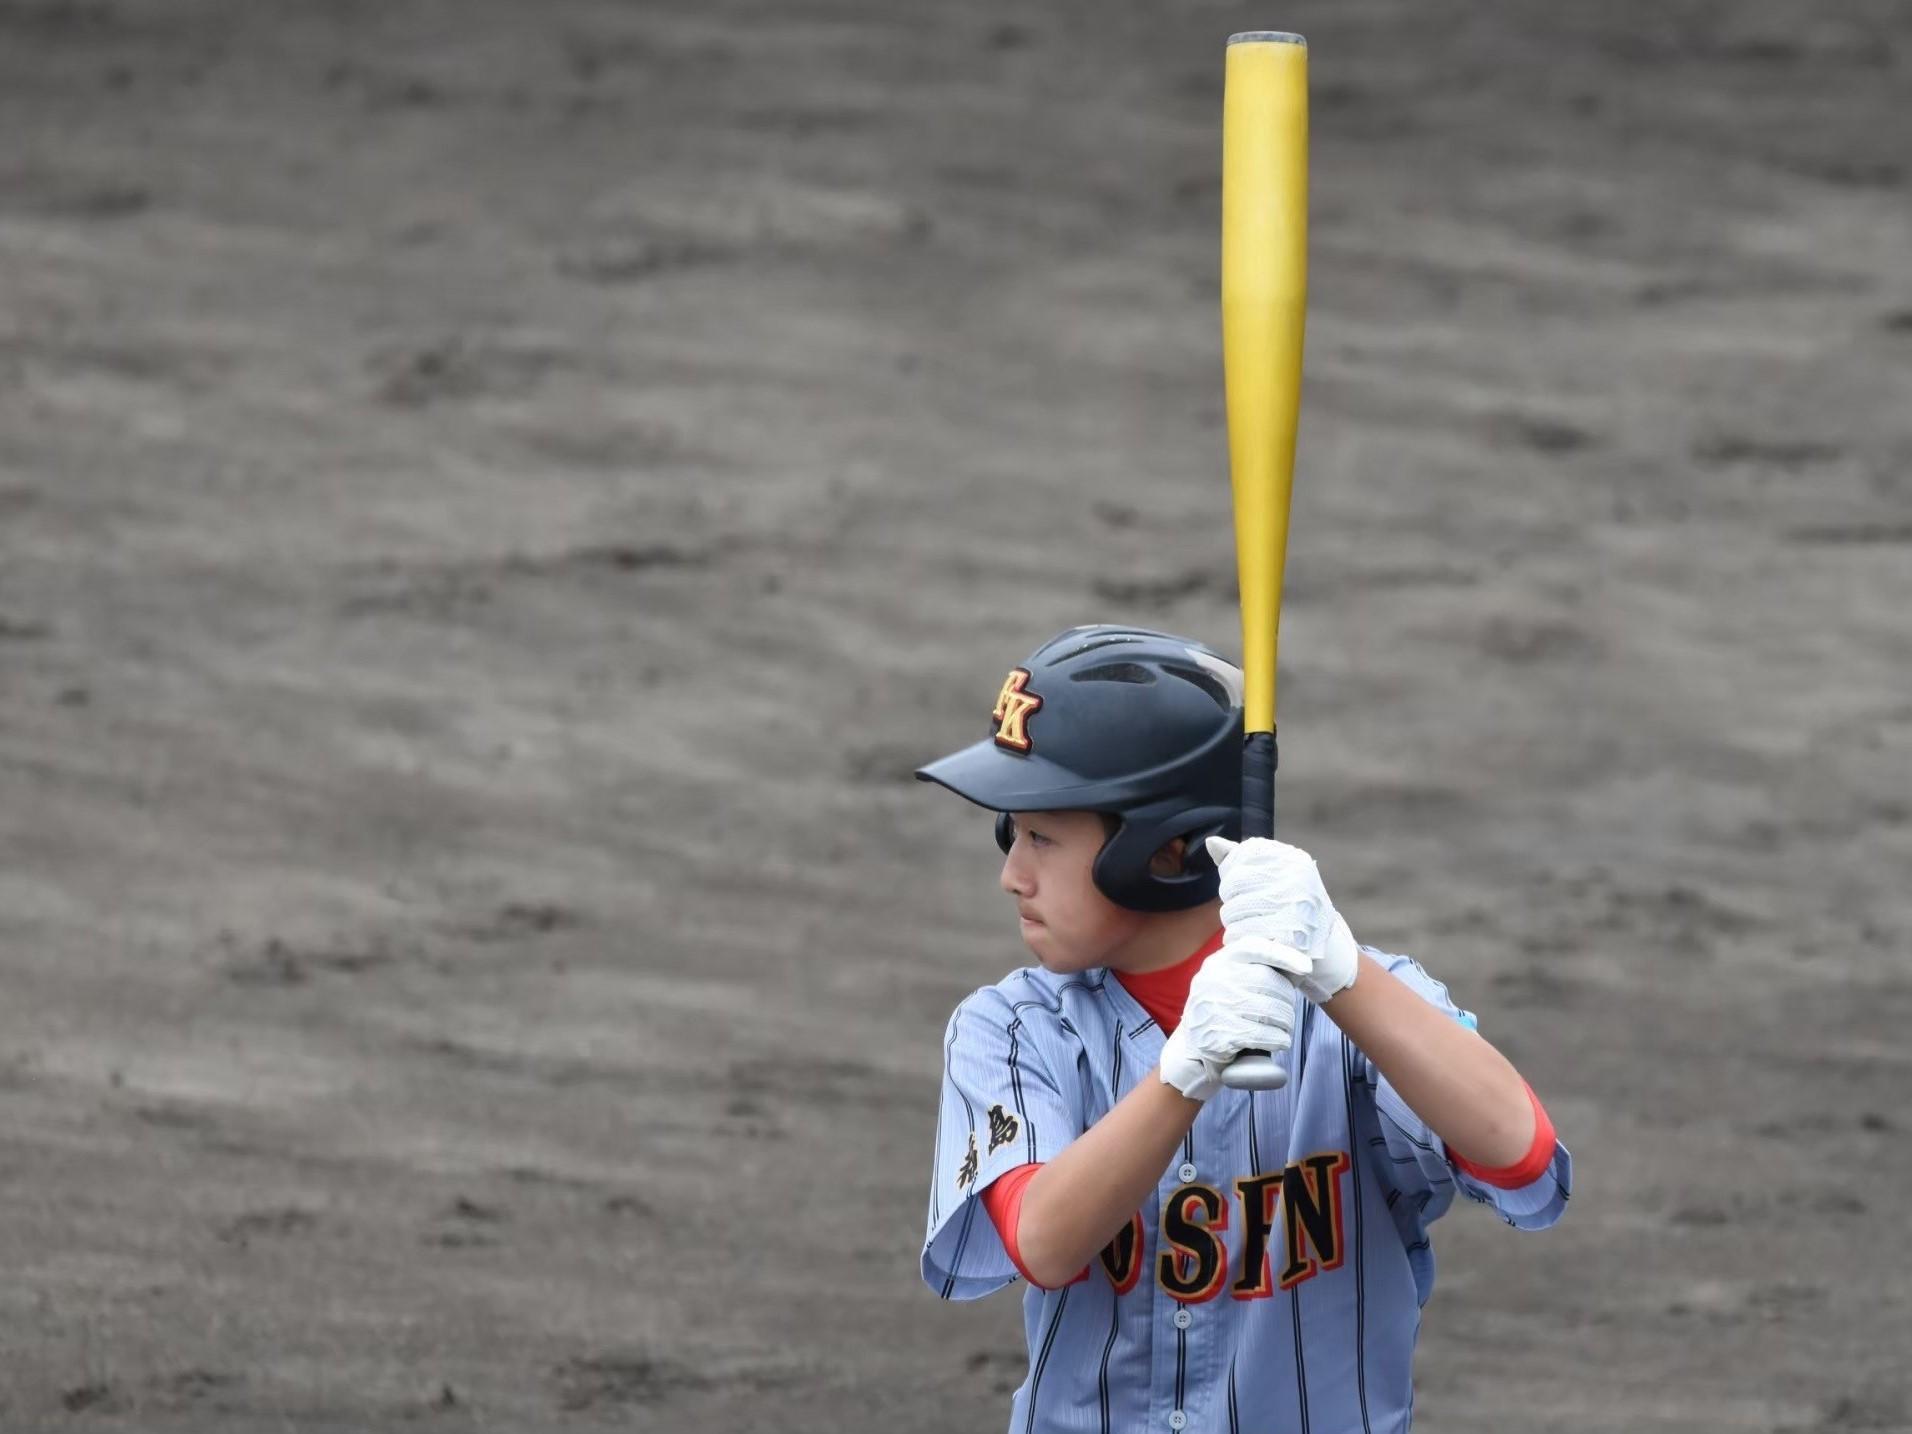 硬式野球部サムネイル画像.jpg